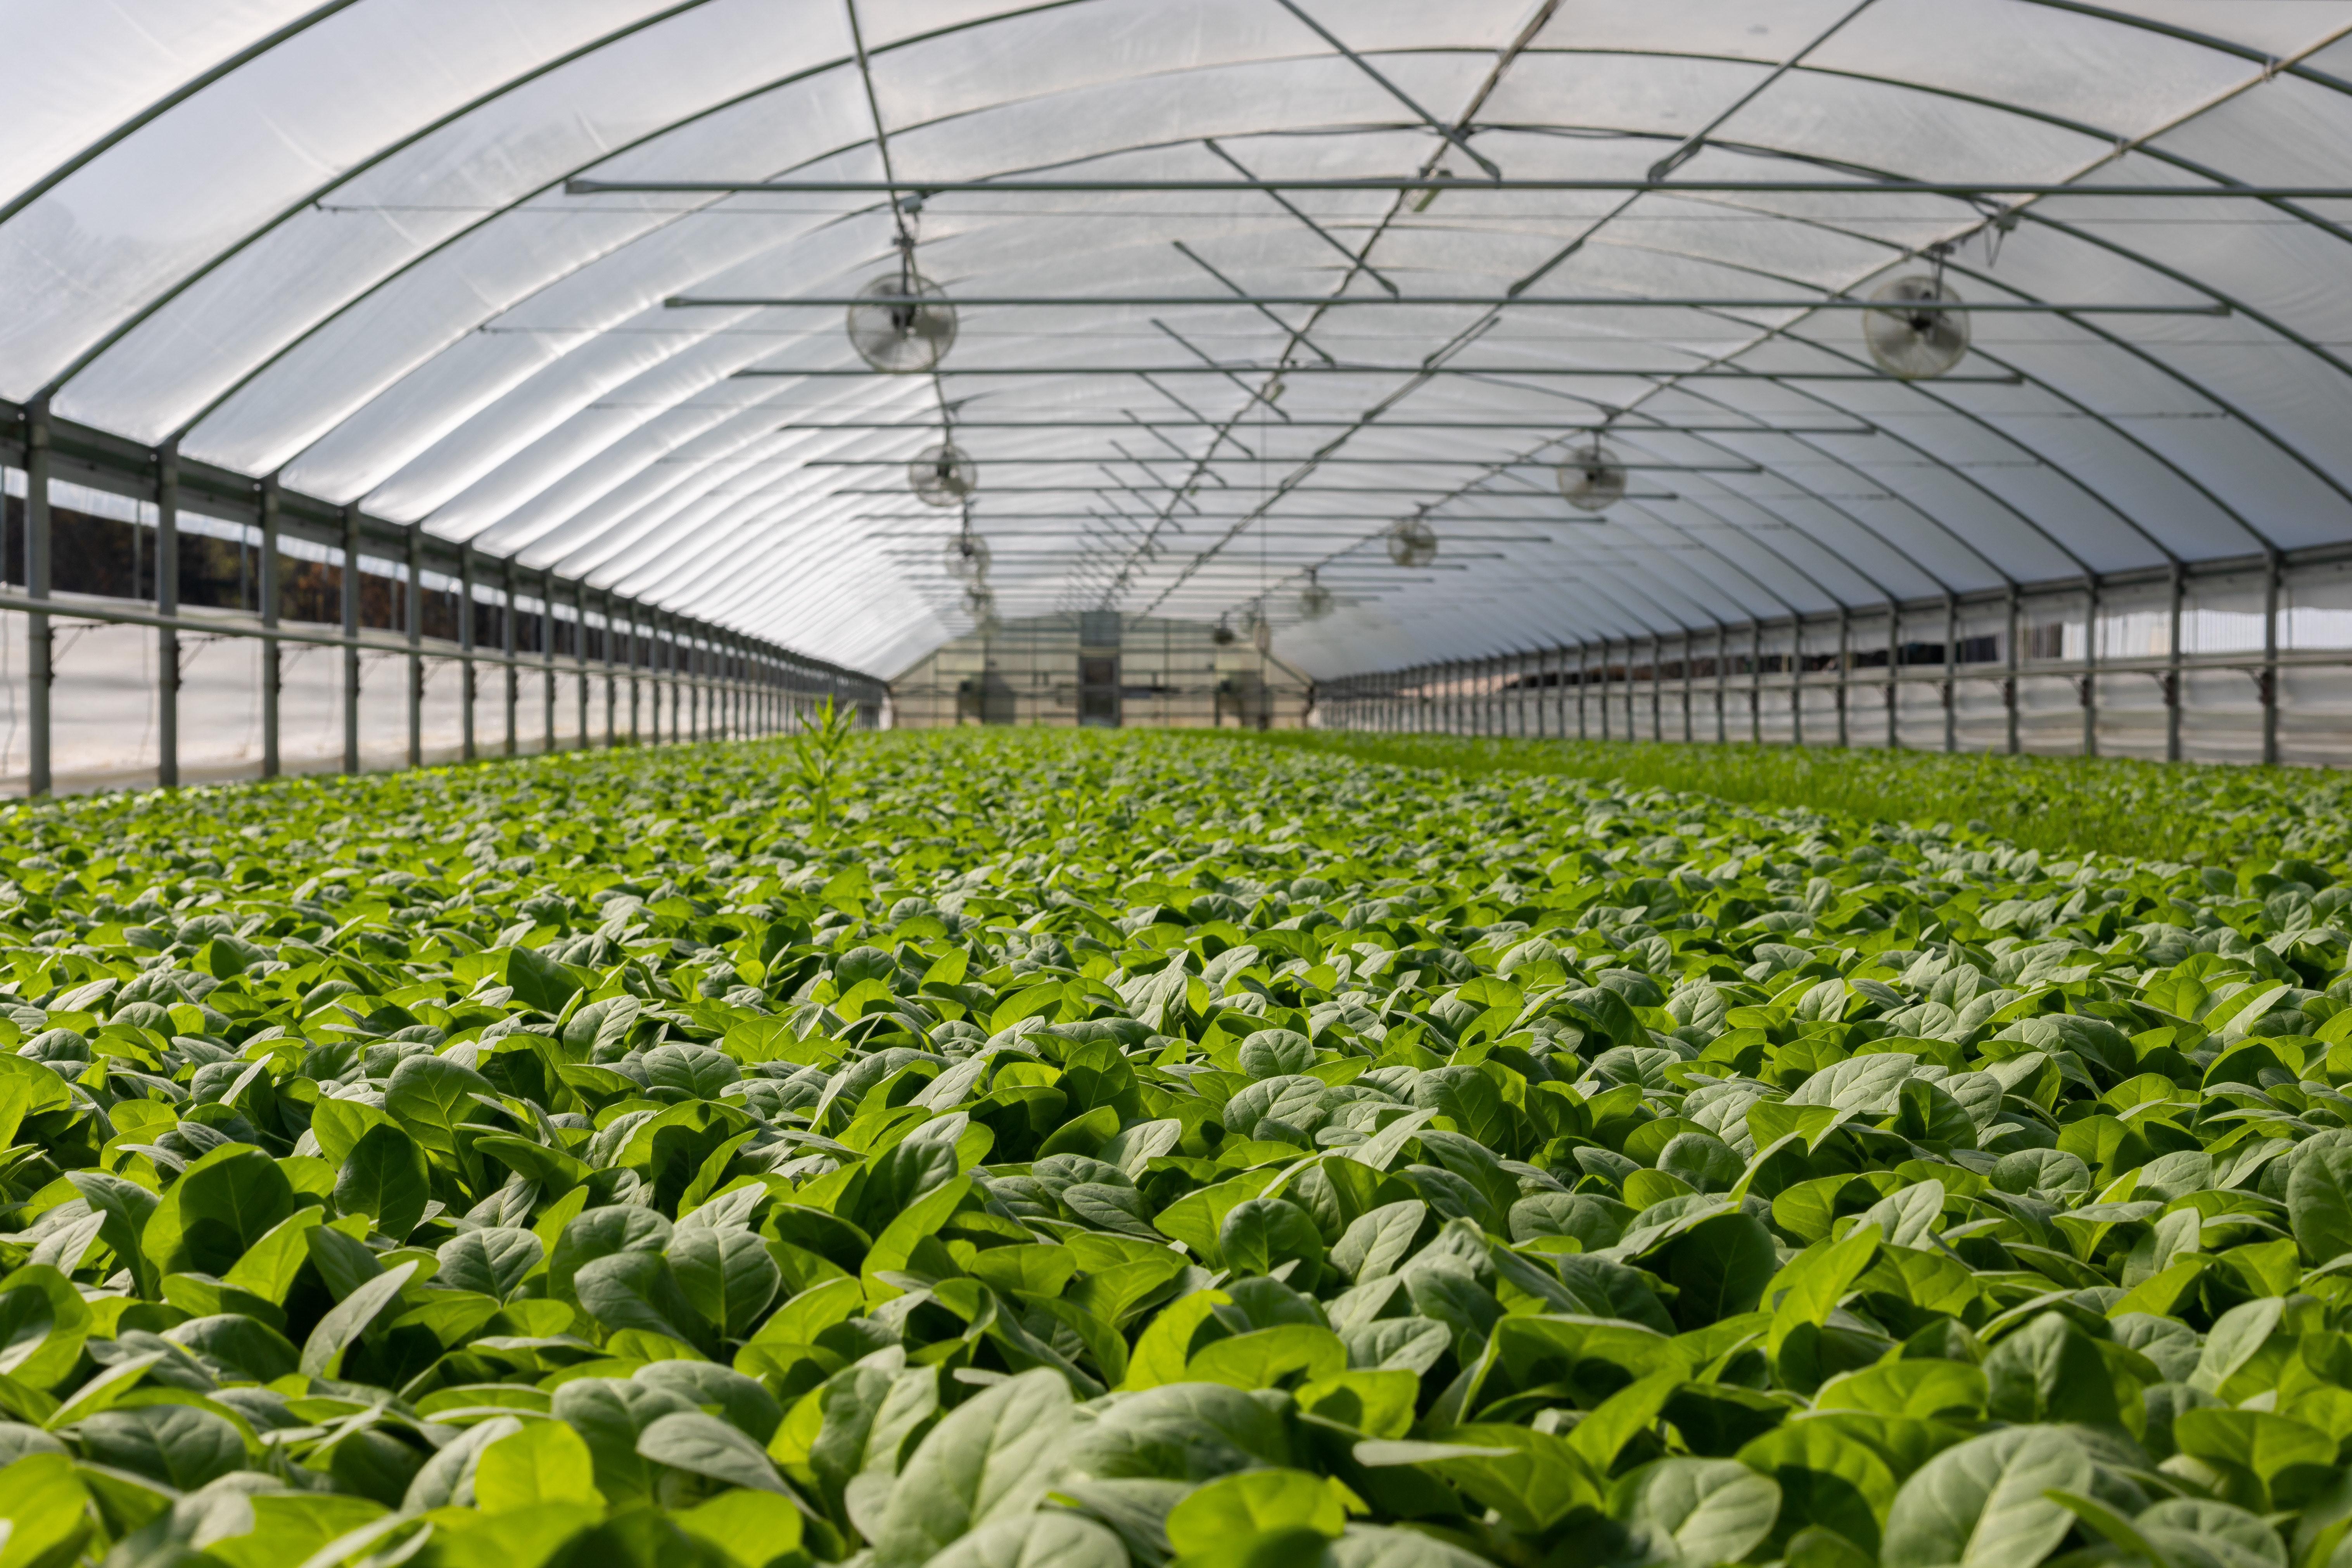 5-ti IPARD javni poziv Mera 1 za izgradnju i opremu u poljoprivrednoj proizvodnji